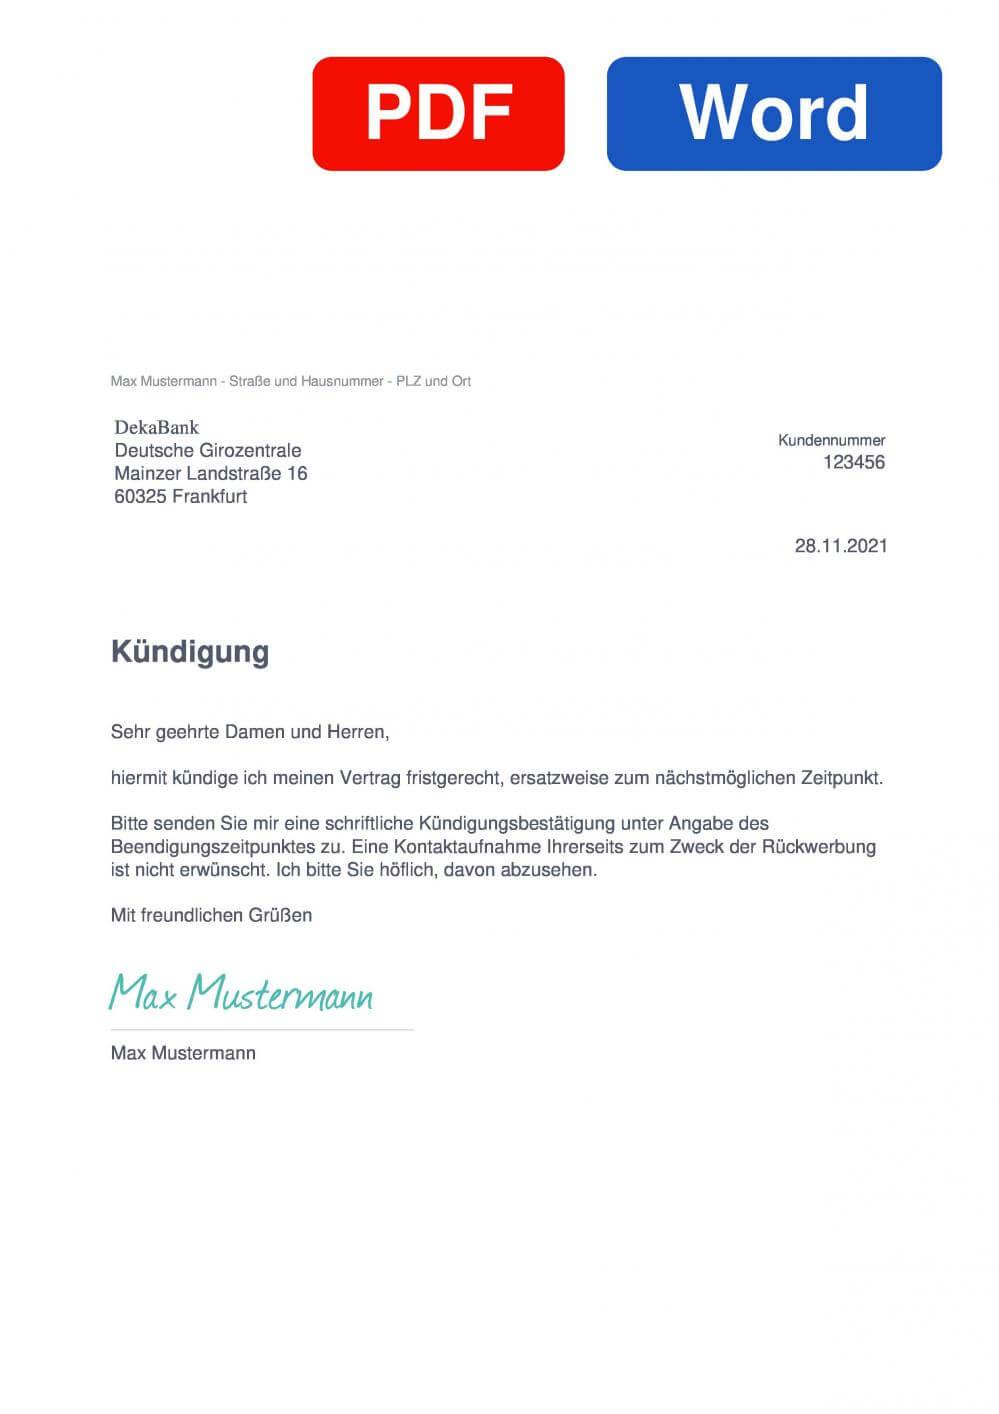 Deka Fonds Muster Vorlage für Kündigungsschreiben